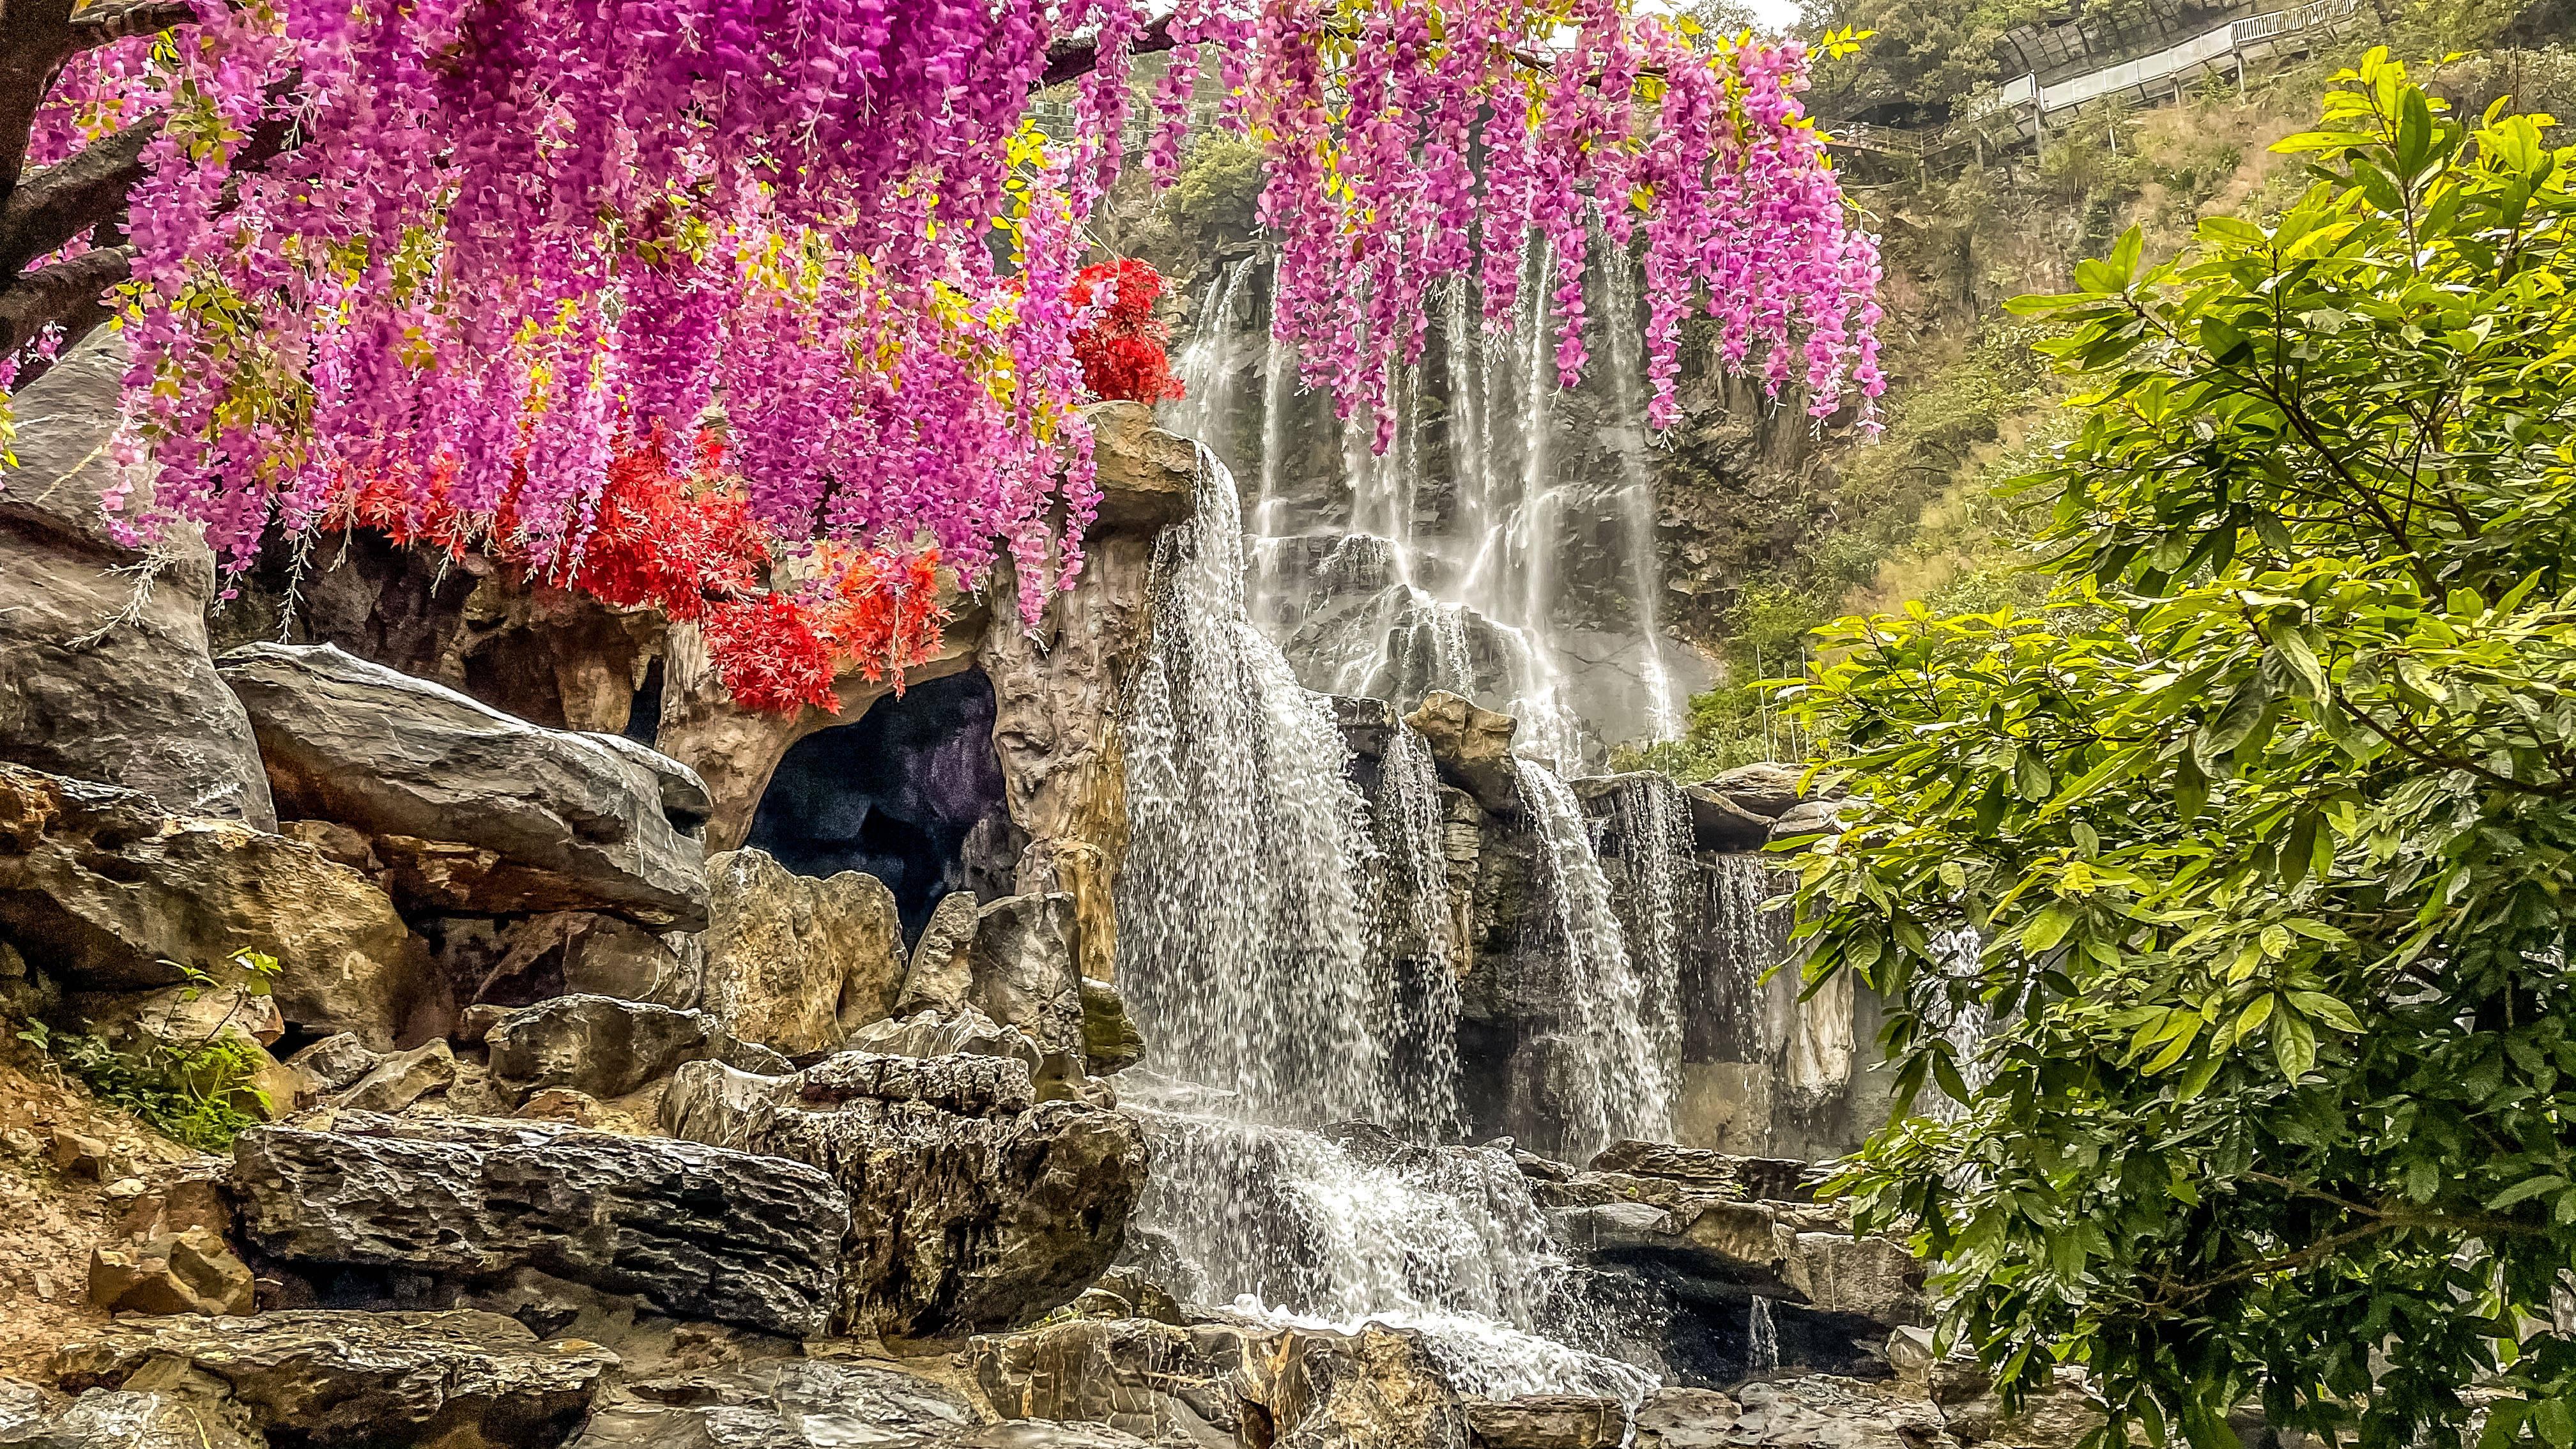 周末自驾古龙峡,踏春赏花,春色满园美不胜收